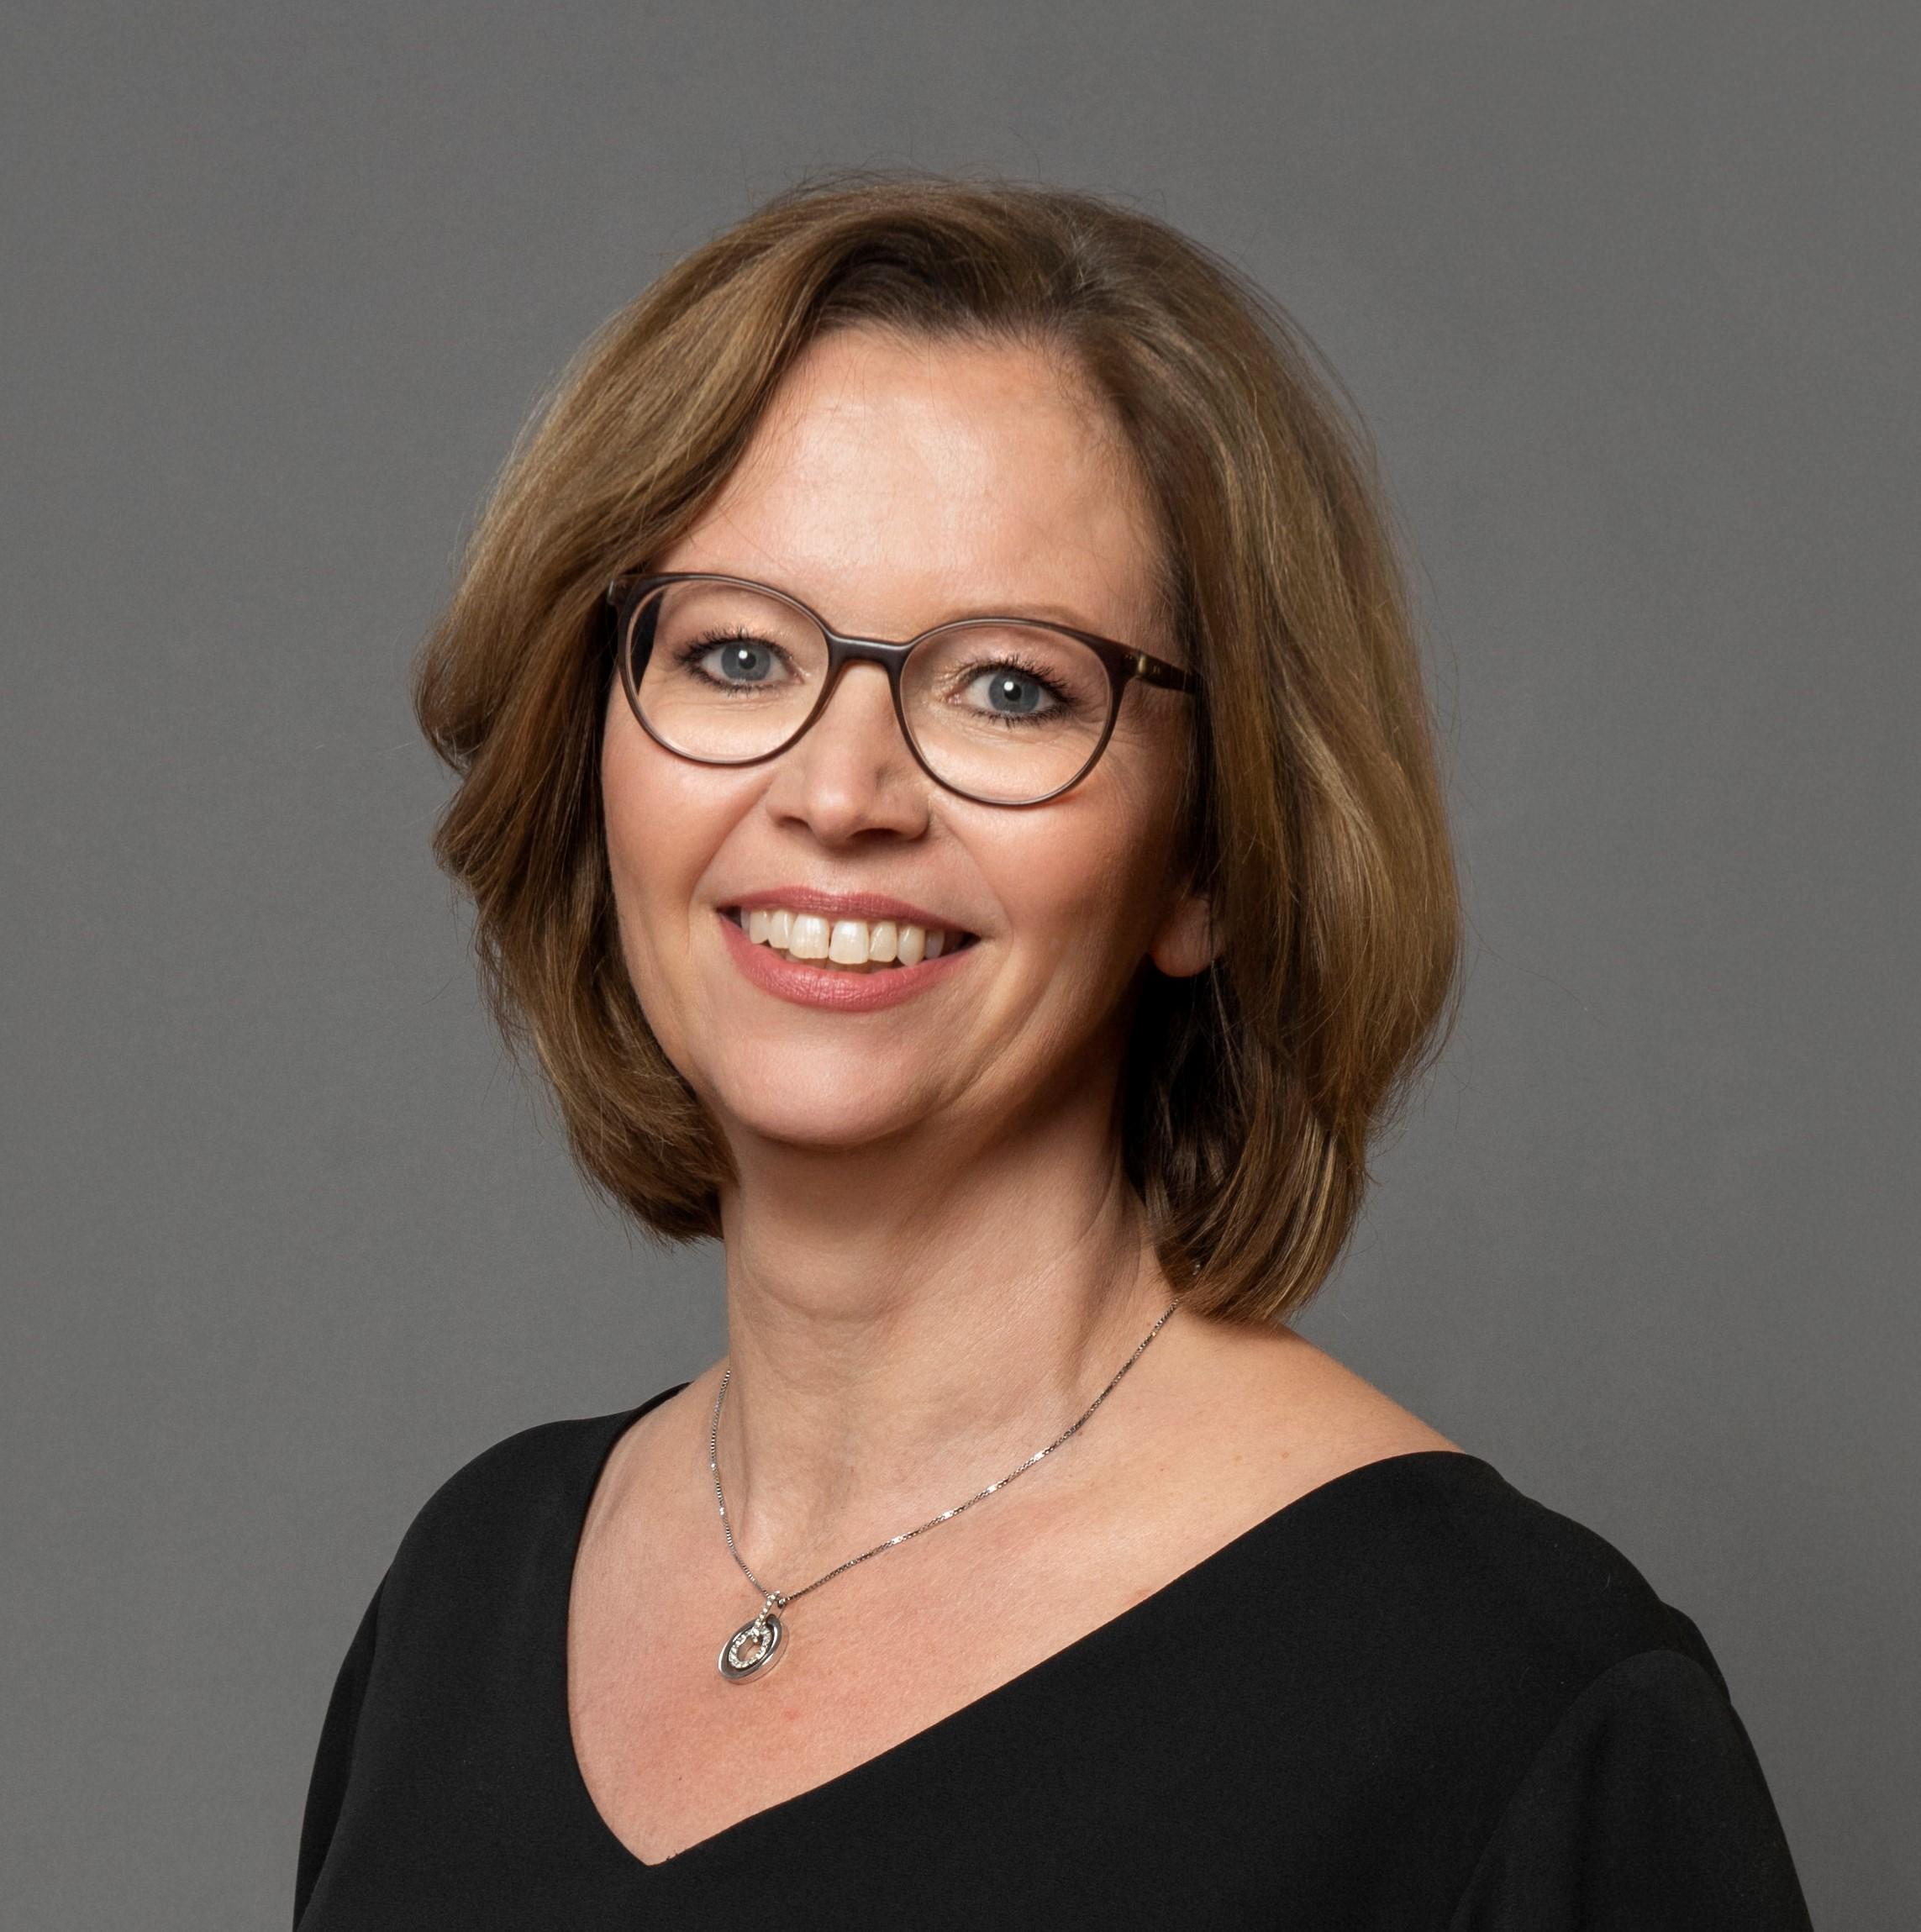 Eva Eggeling